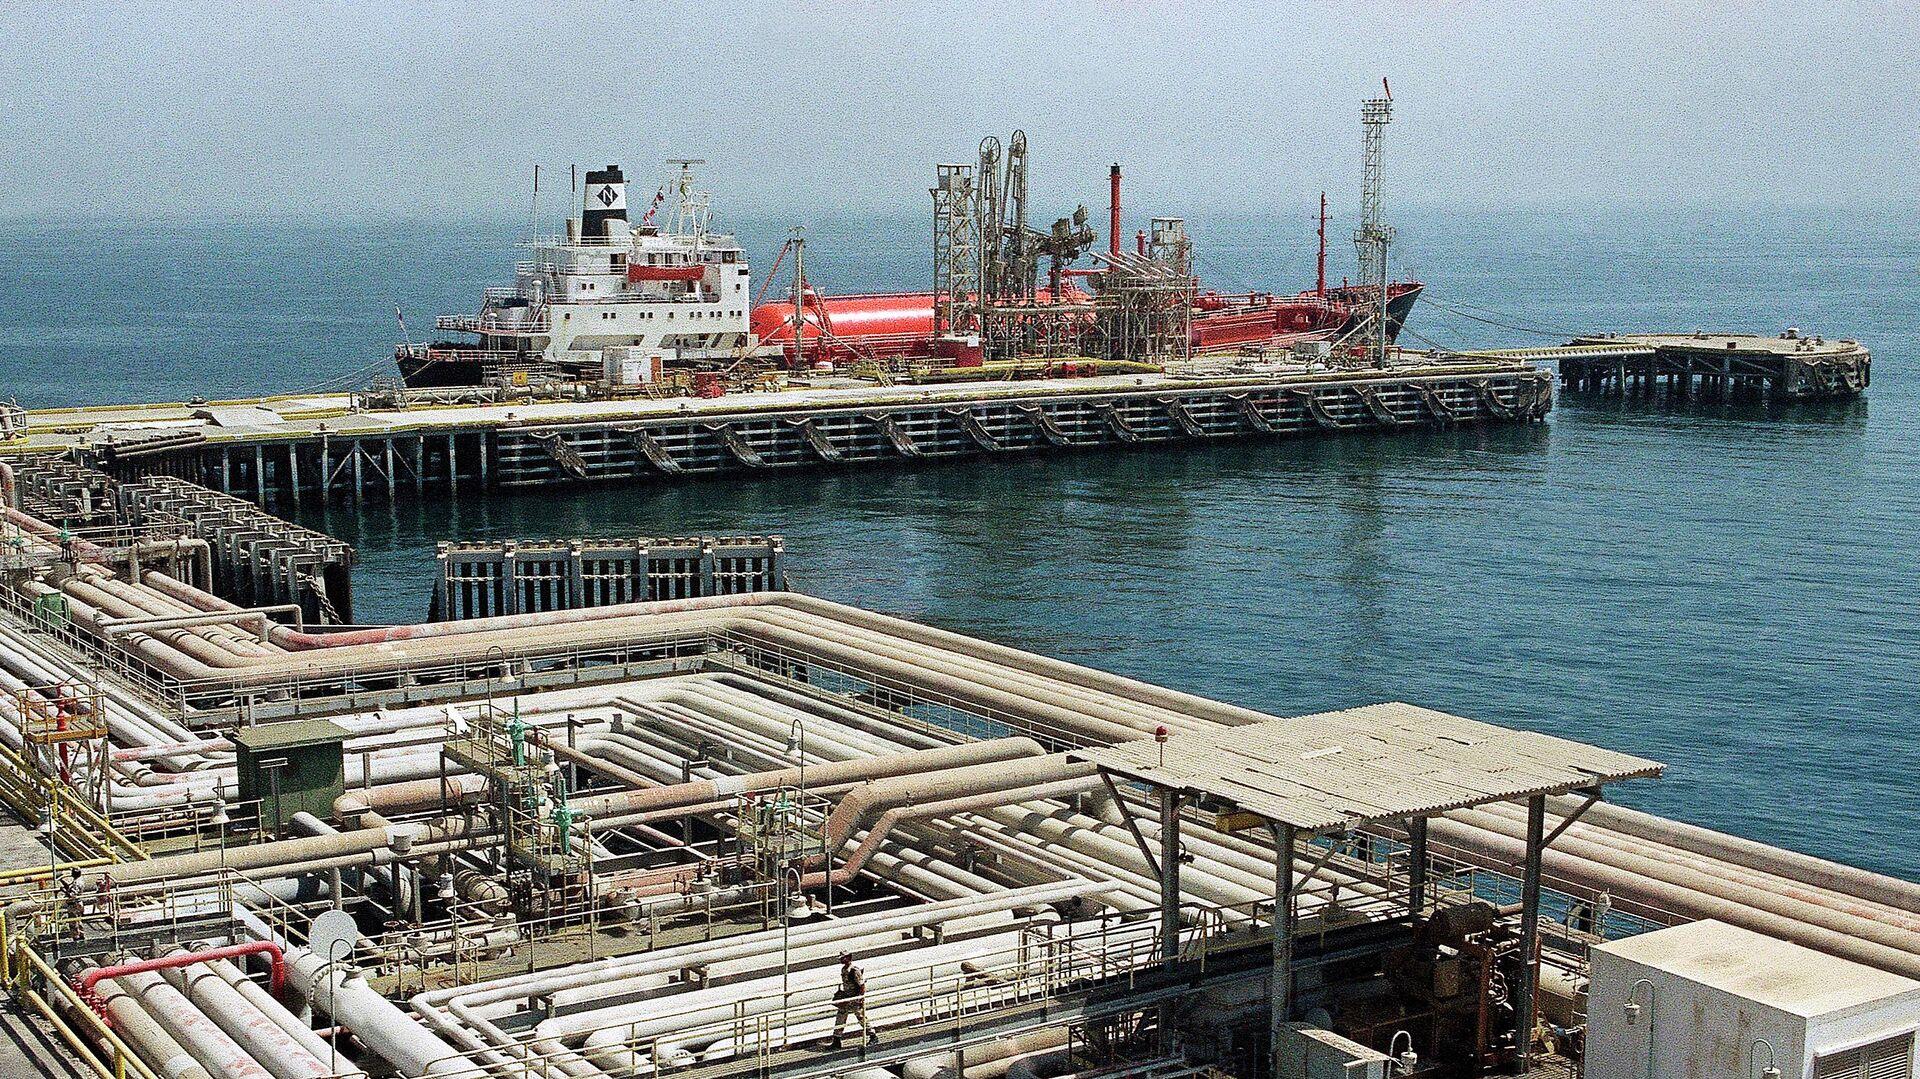 Нефтяные трубопроводы и порт в Рас Таннуре, Саудовская Аравия - РИА Новости, 1920, 14.05.2019